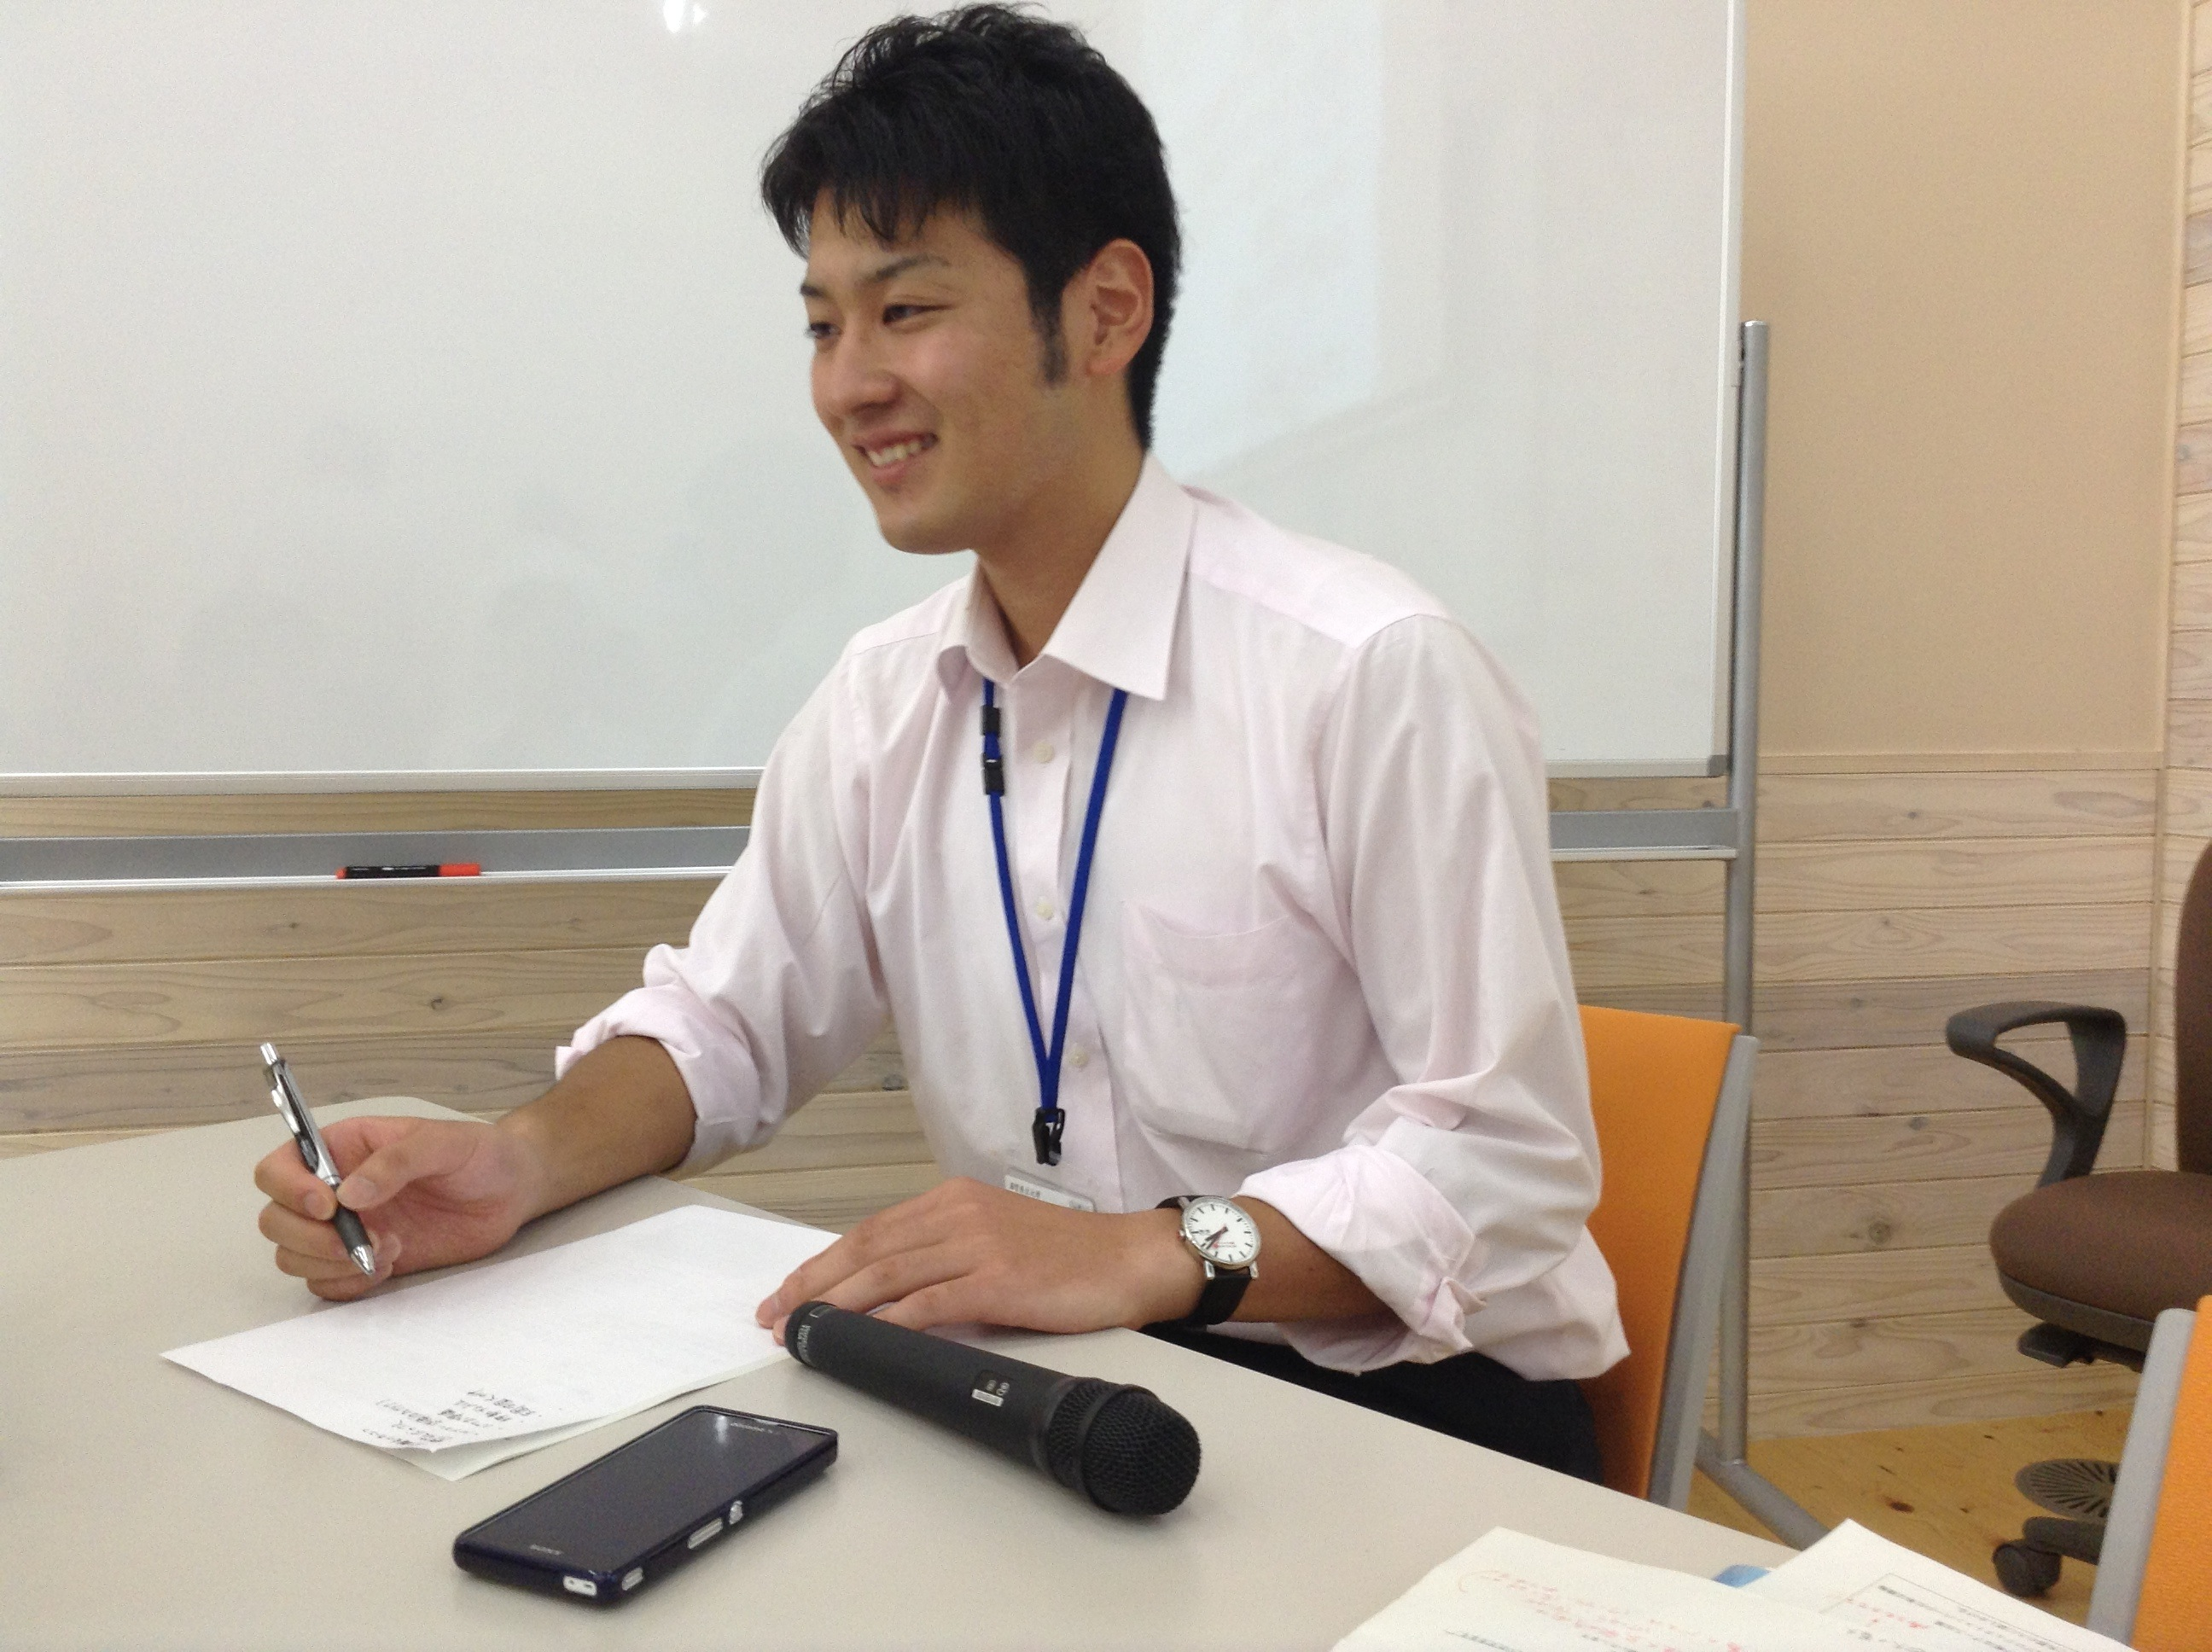 滋賀県立大学 日本酒サミット実行委員長 河野将之インタビュー(前編)